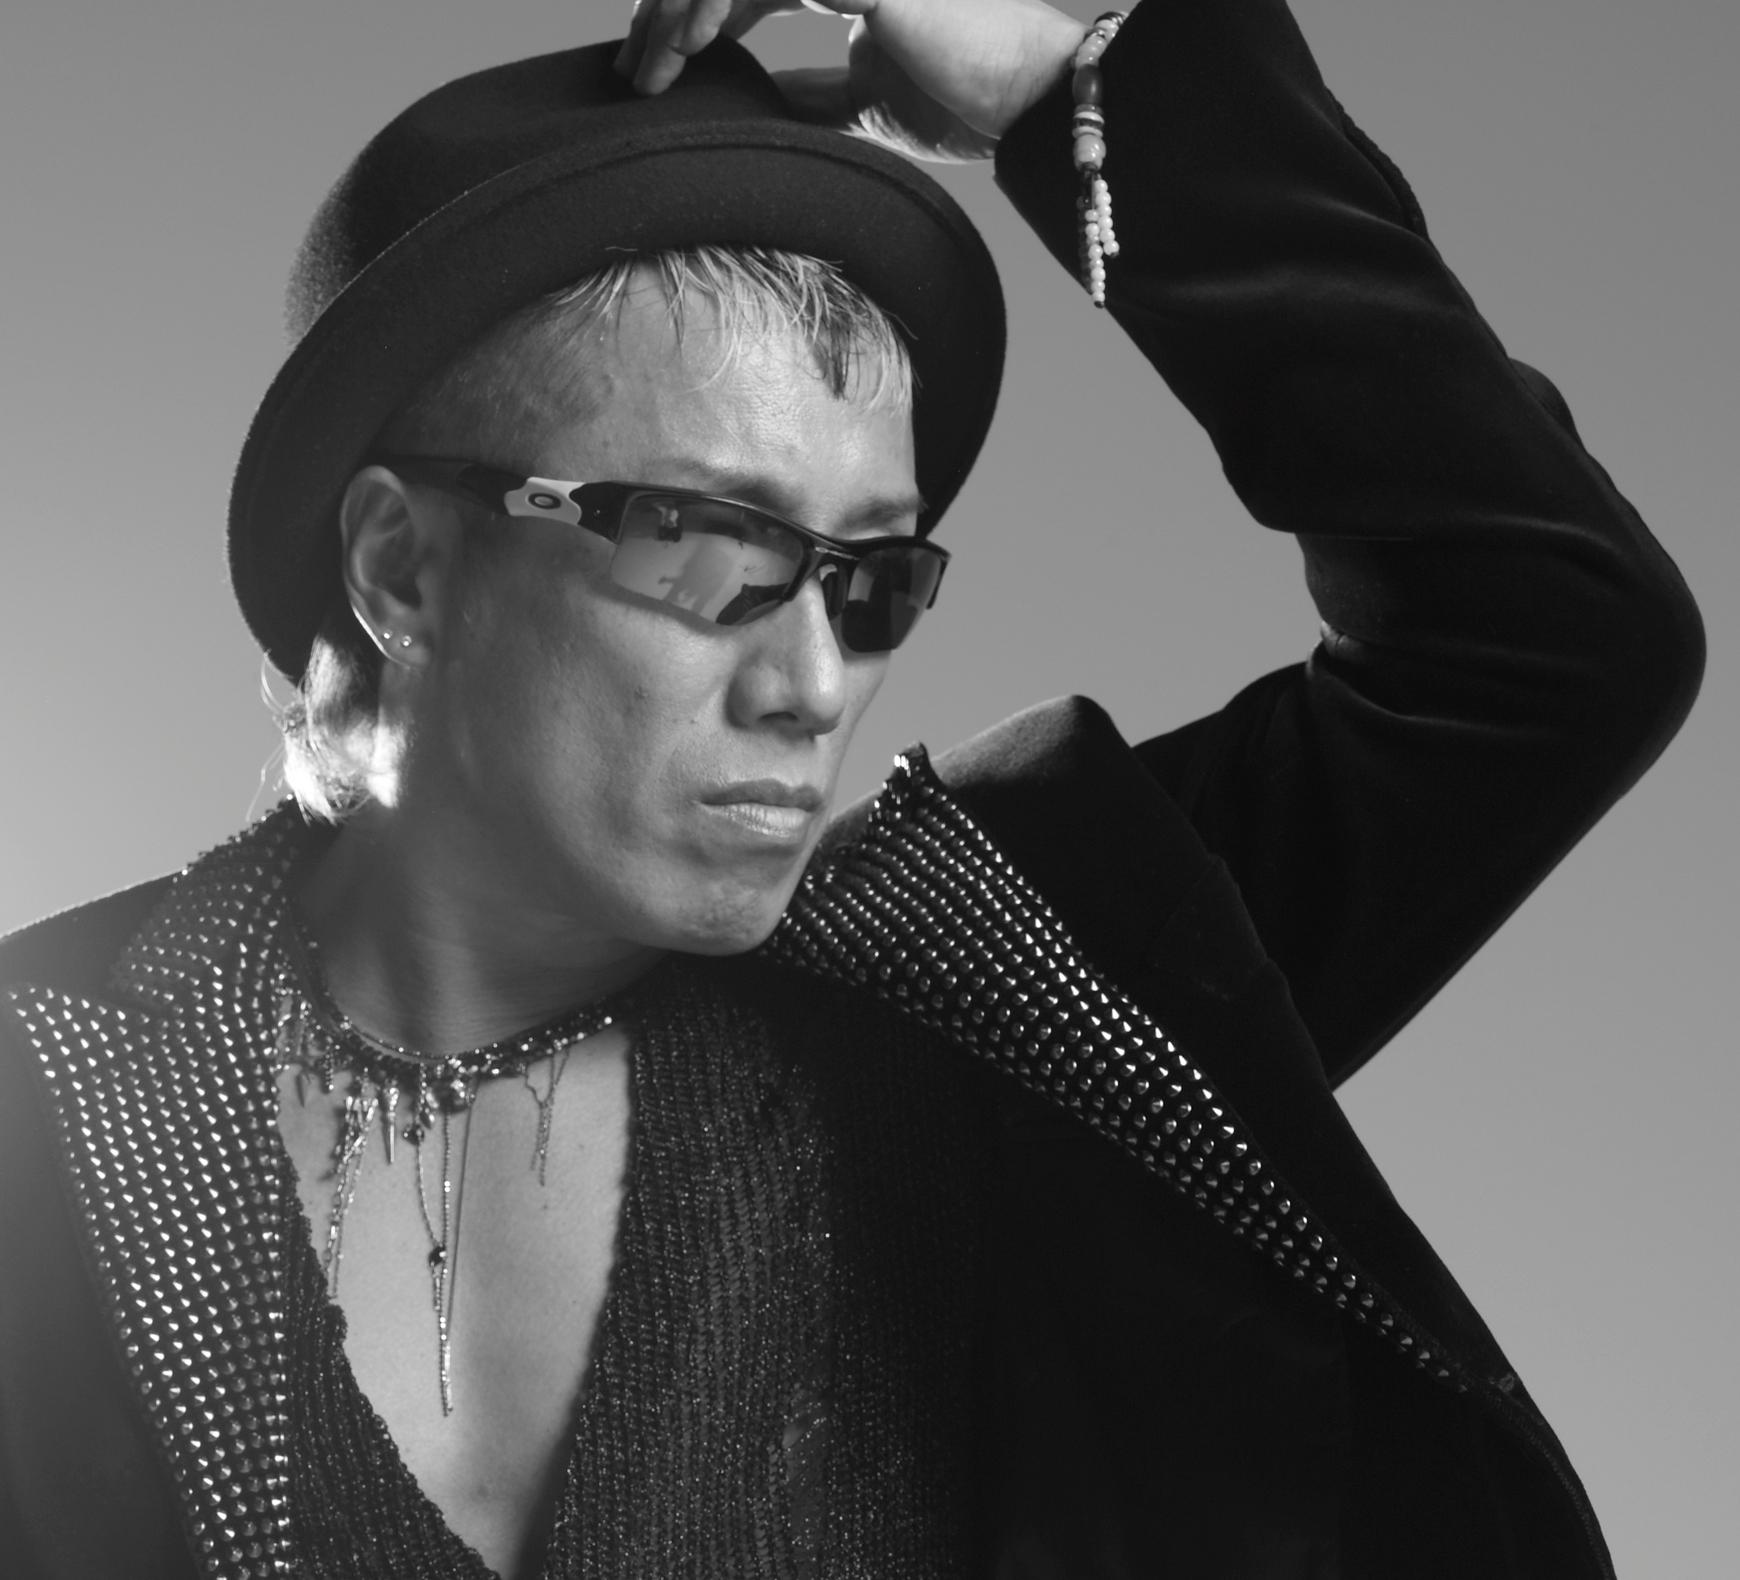 シンガーソングライター長渕剛!力強いライブの魅力と伝説の数々のサムネイル画像